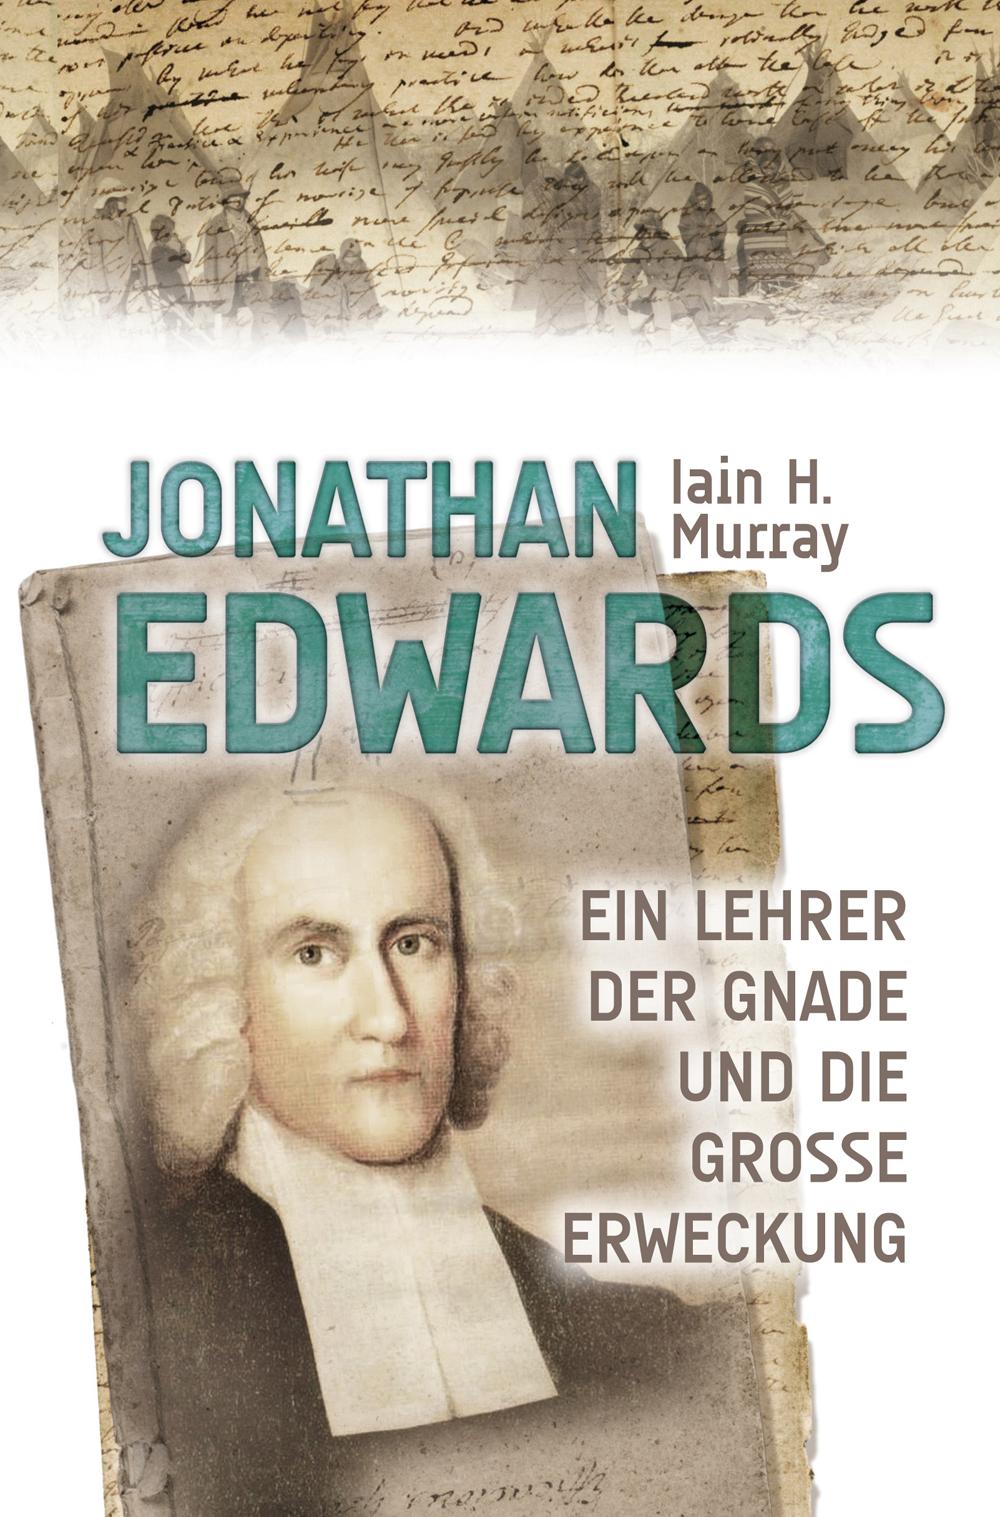 CLV_jonathan-edwards_iain-h-murray_256306_1